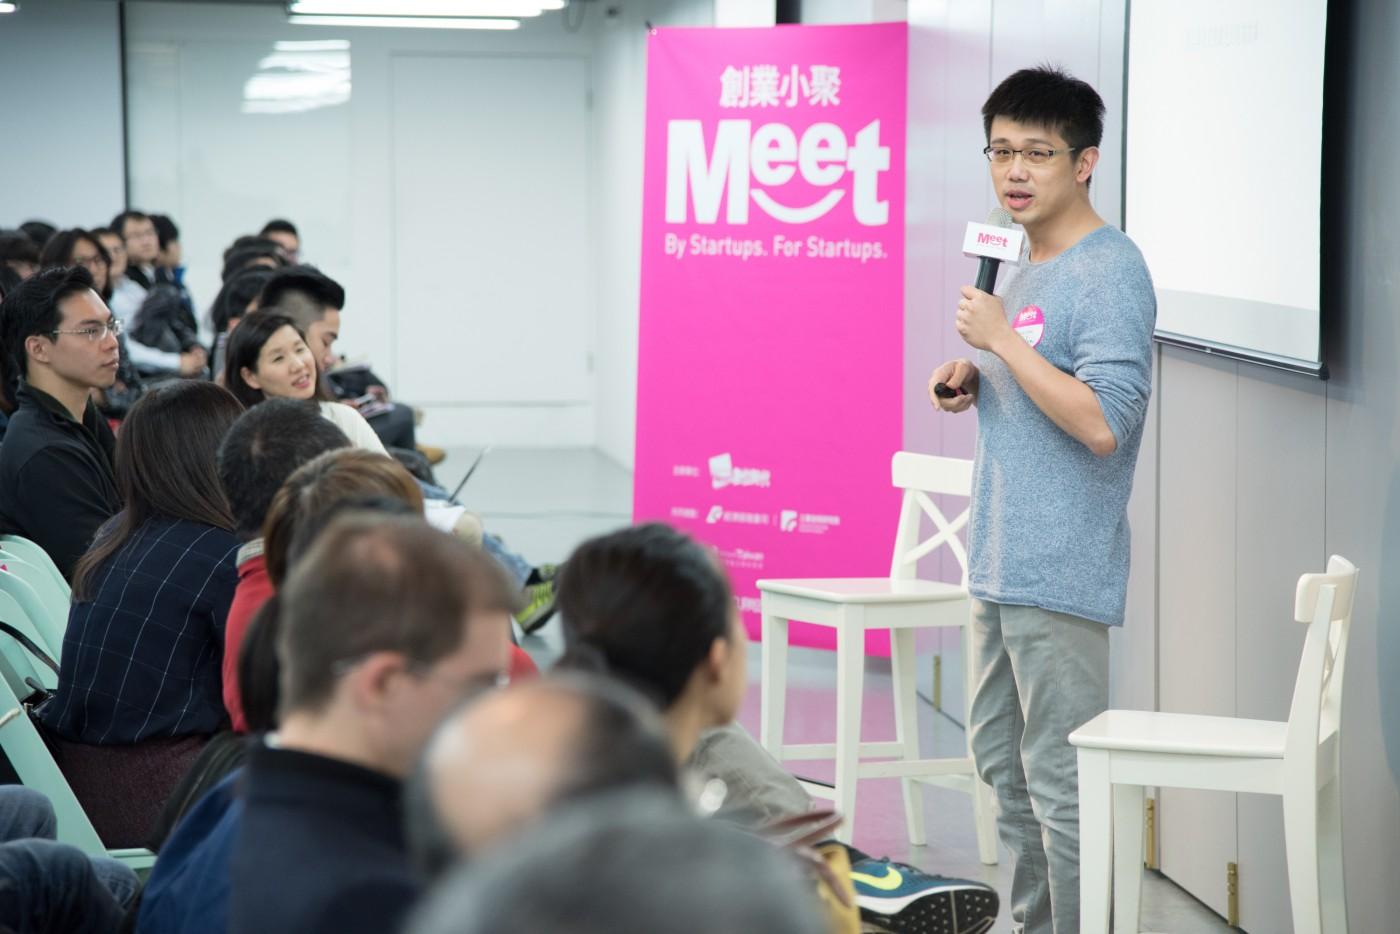 跨越初創、挑戰成長!本土創業家真心告白,你的夢想還熾熱嗎?